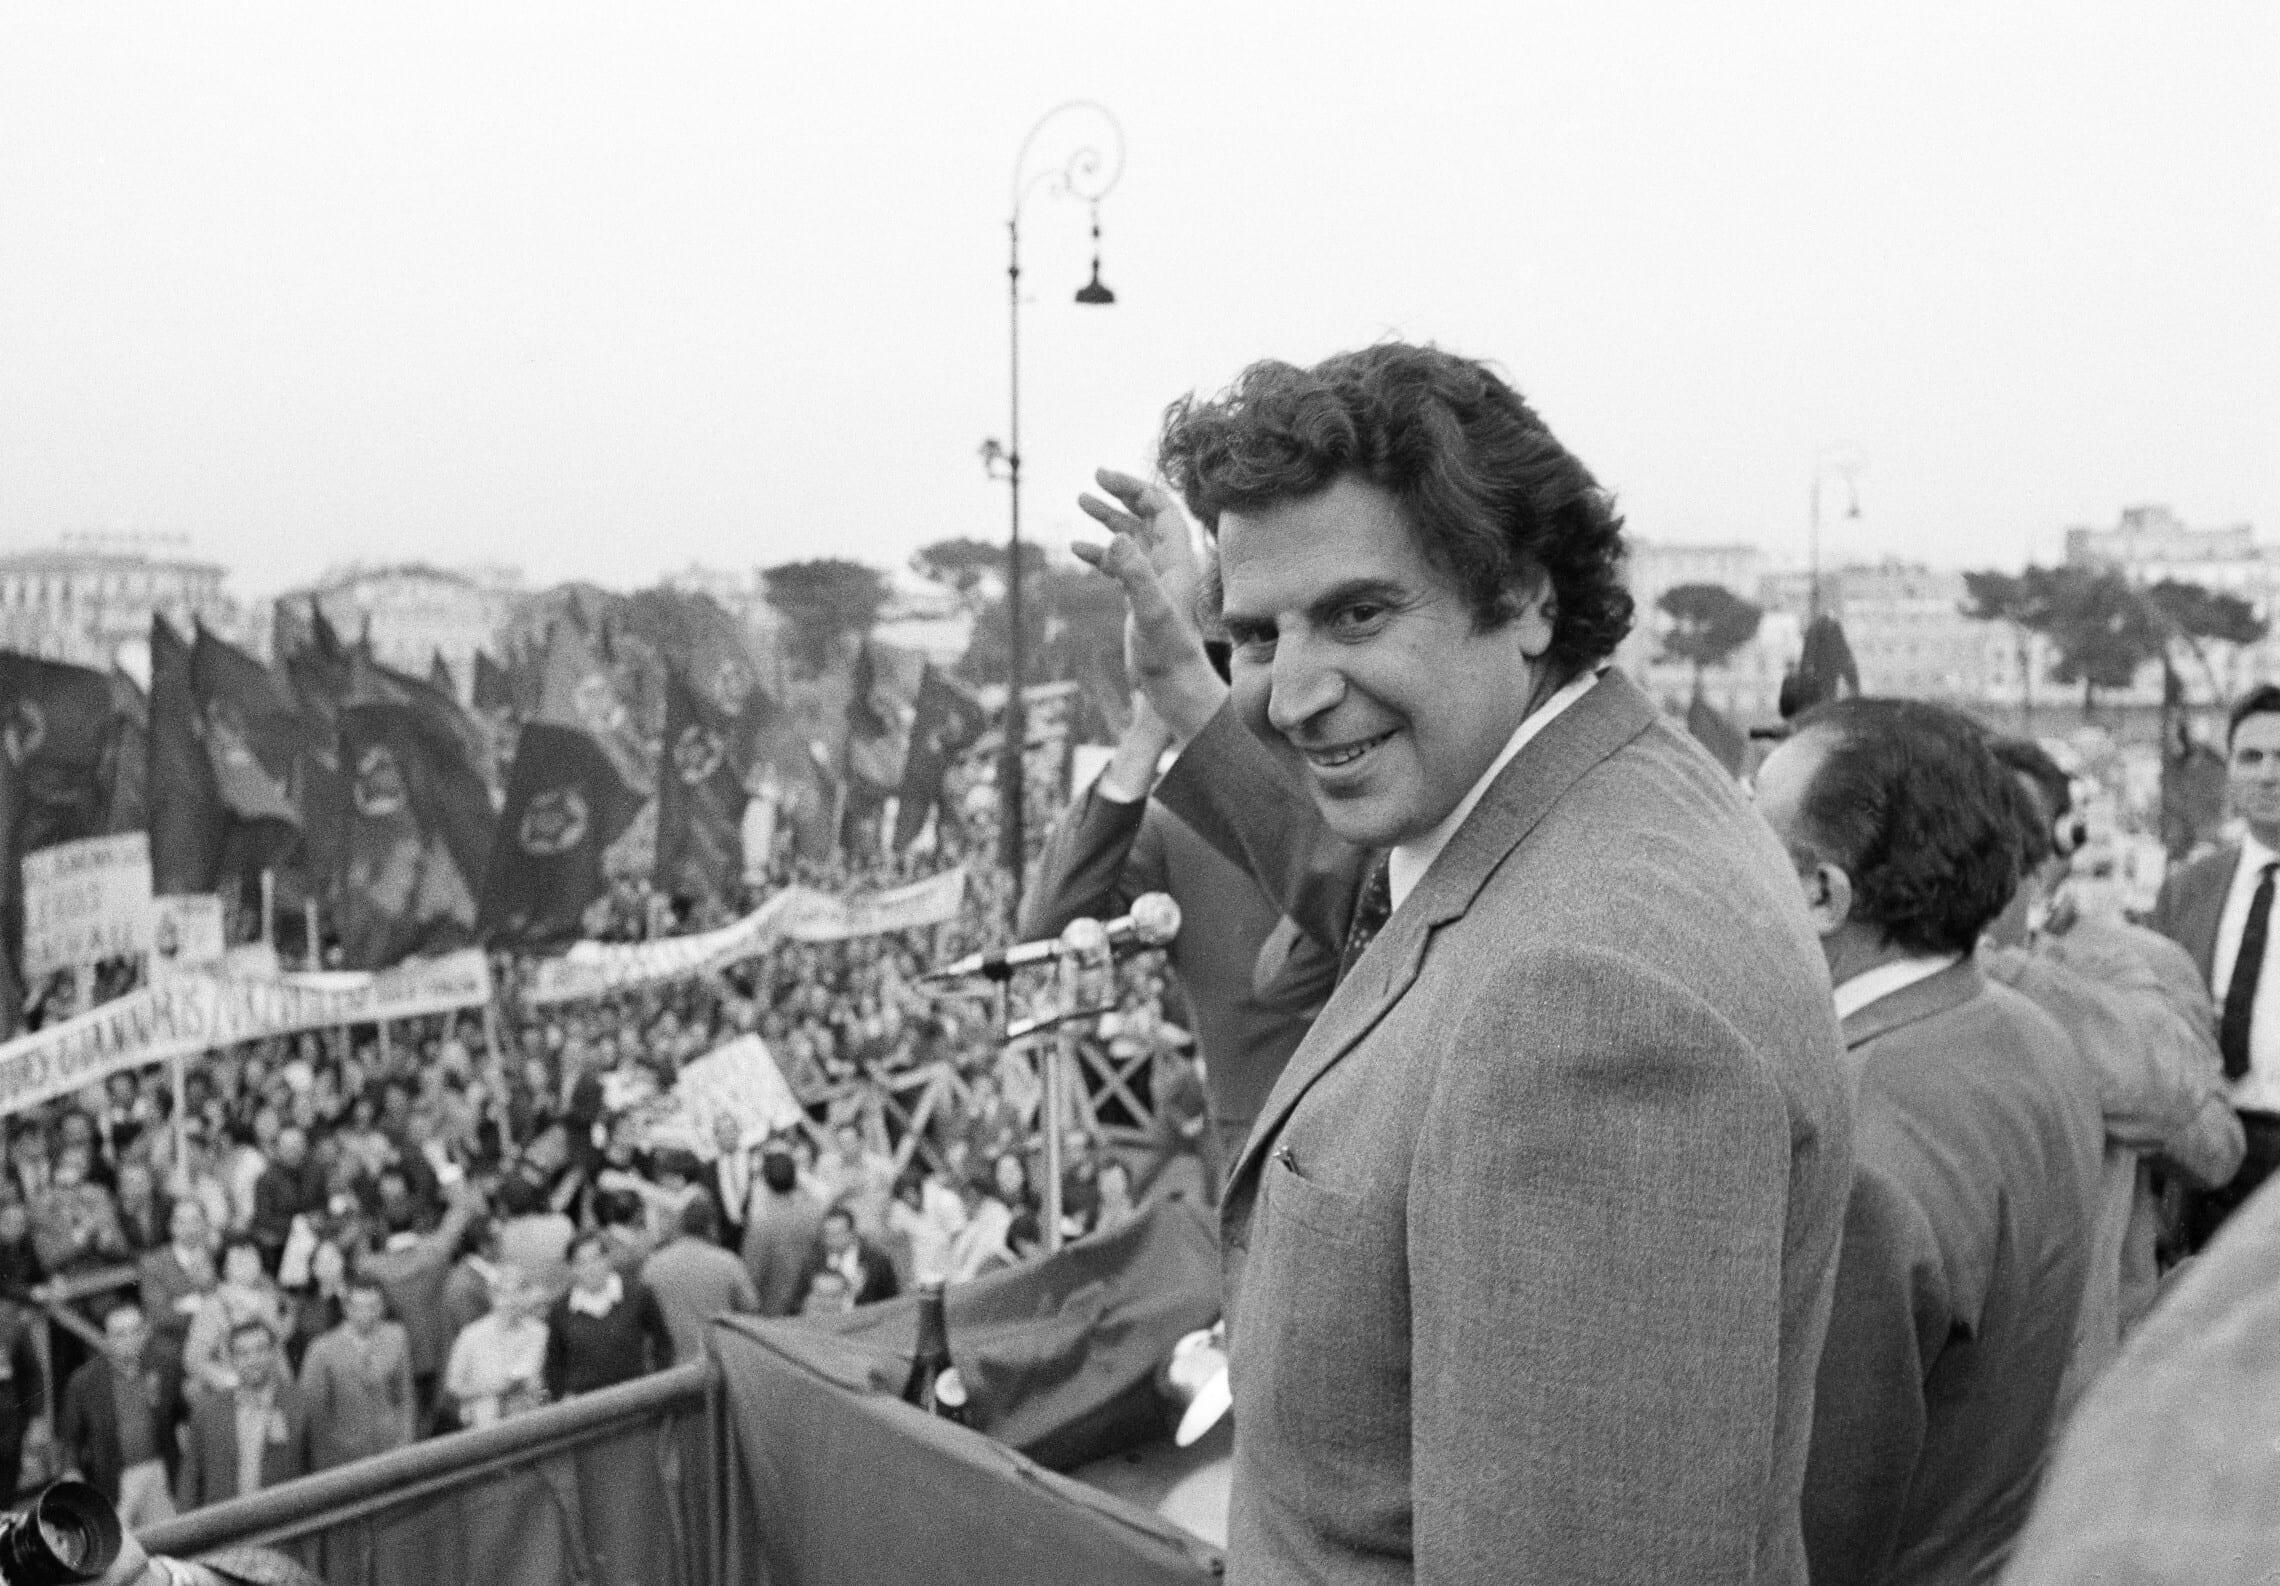 """מיקיס תאודוראקיס מנופף לקהל בעצרת נגד נאט""""ו שארגנה המפלגה הקומוניסטית האיטלקית ברומא, 27 במאי 1970 (צילום: AP Photo)"""